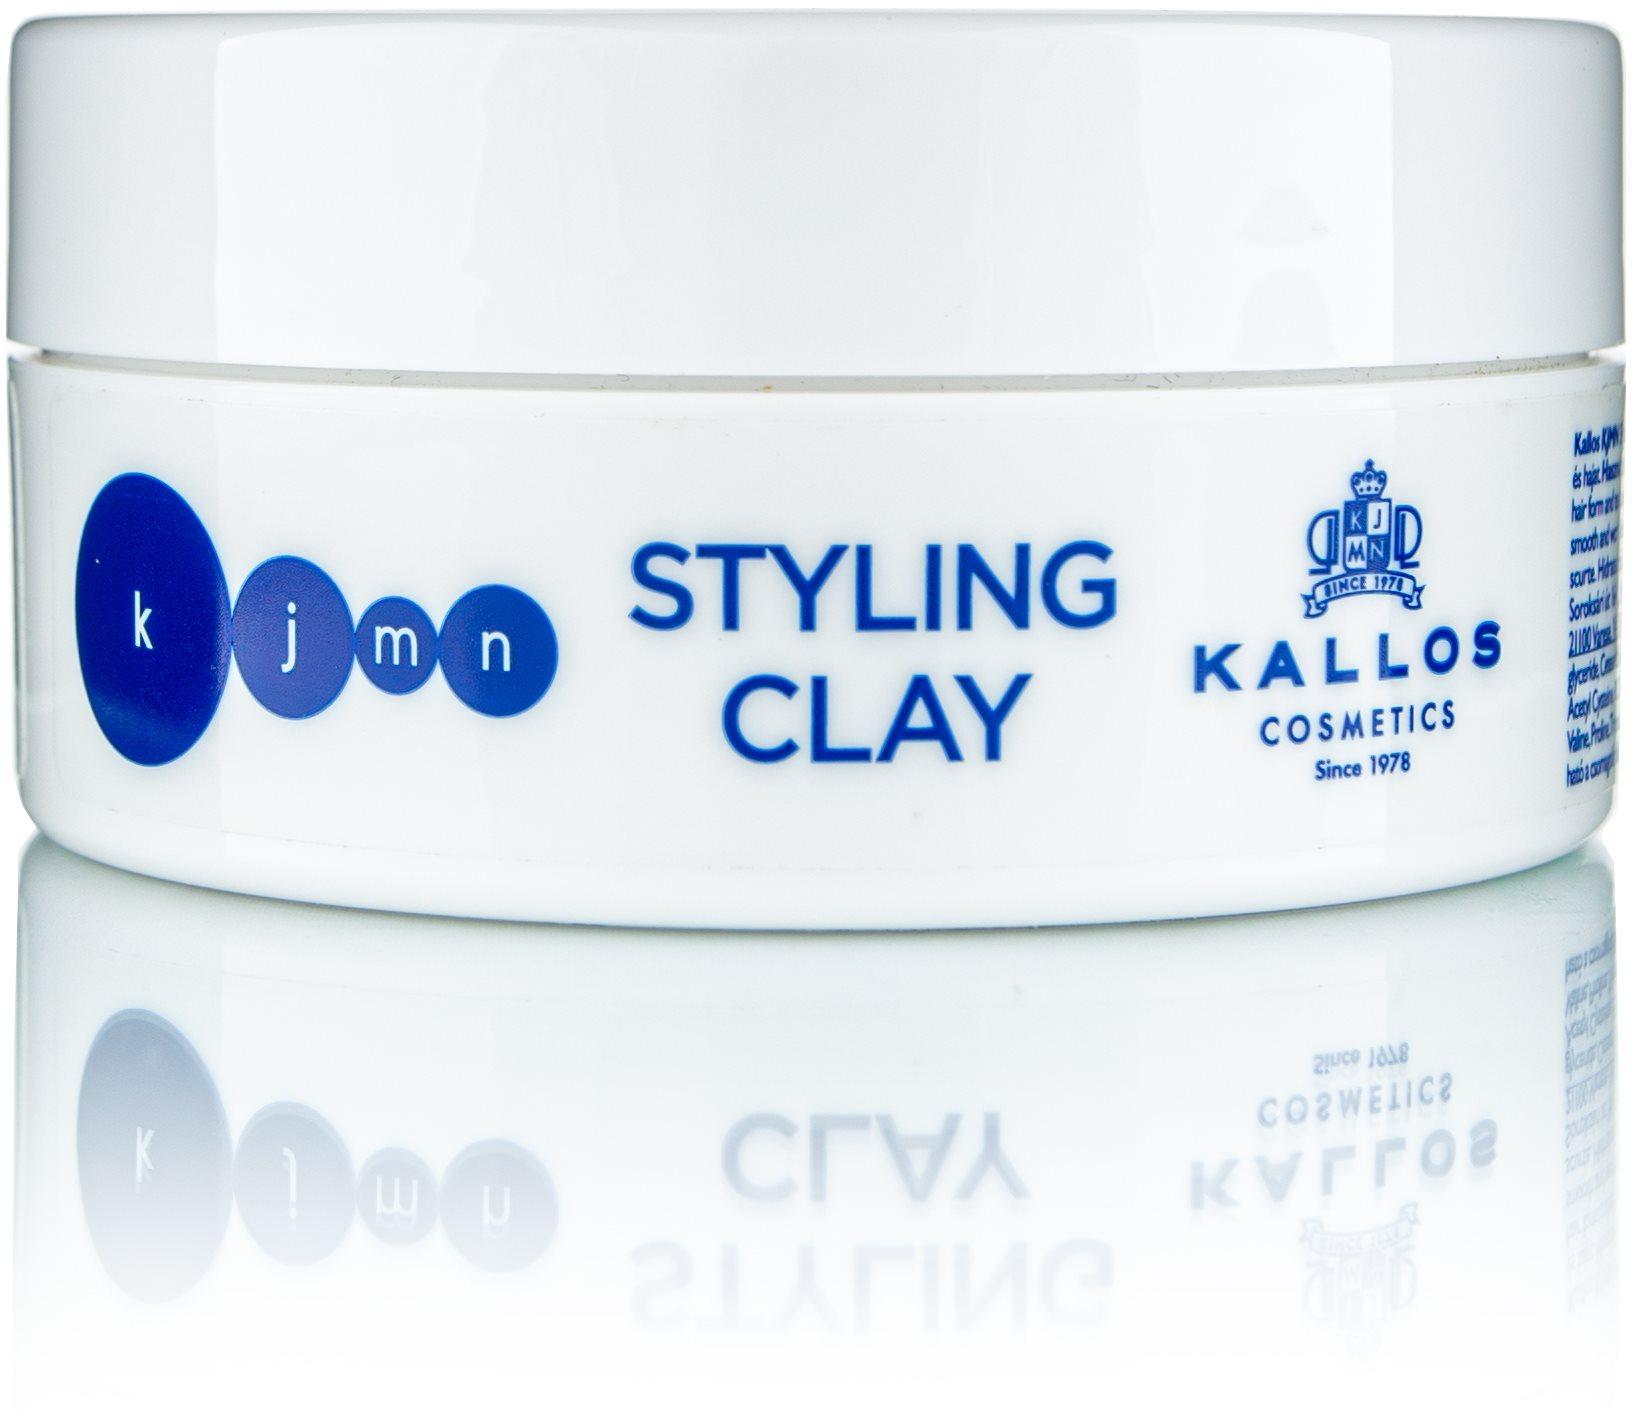 KALLOS KJMN Styling Clay 100 ml